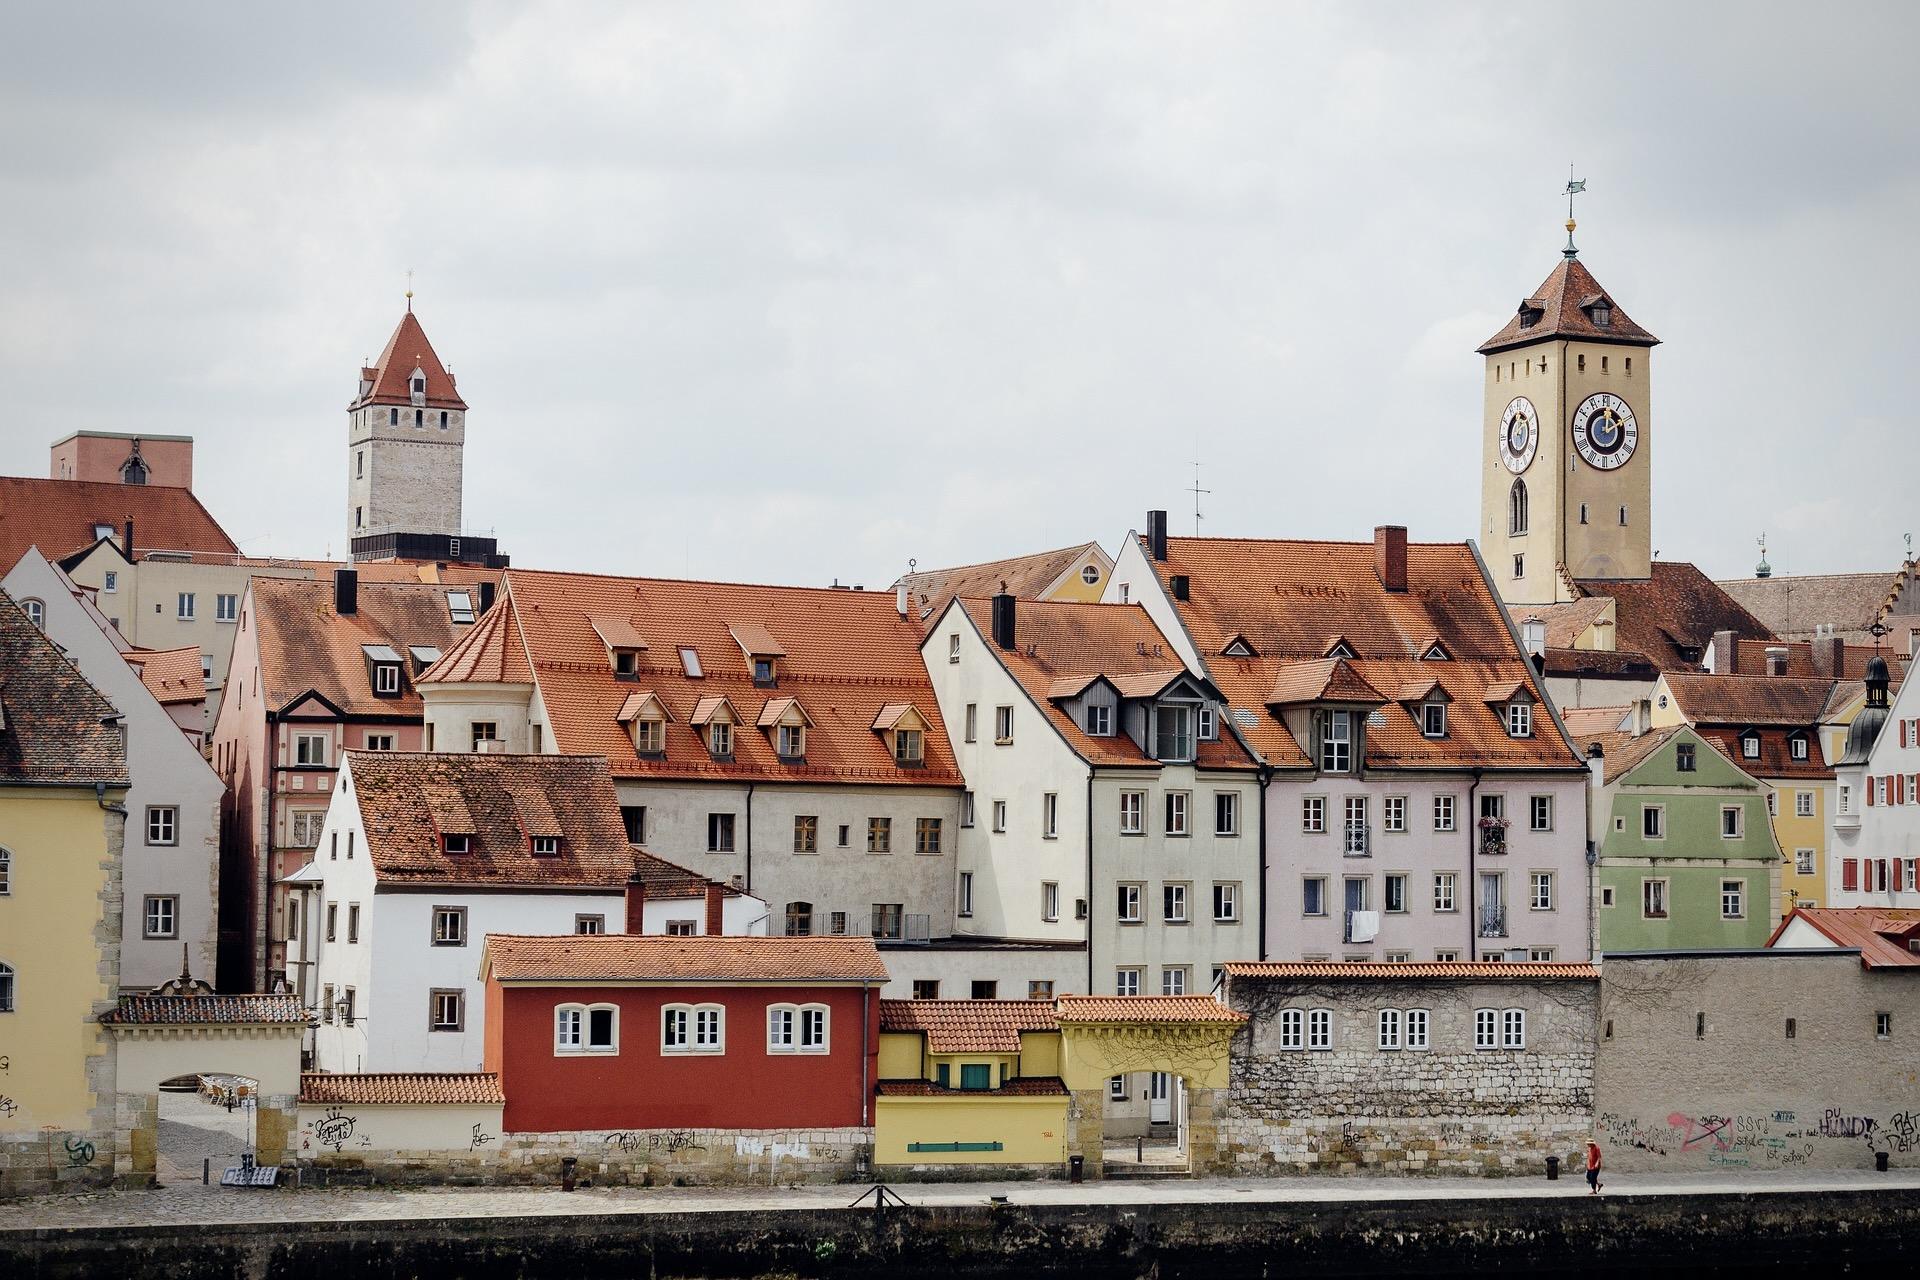 Regensburg in der Oberpfalz Bayerns ist ein toller Wochenendtrip